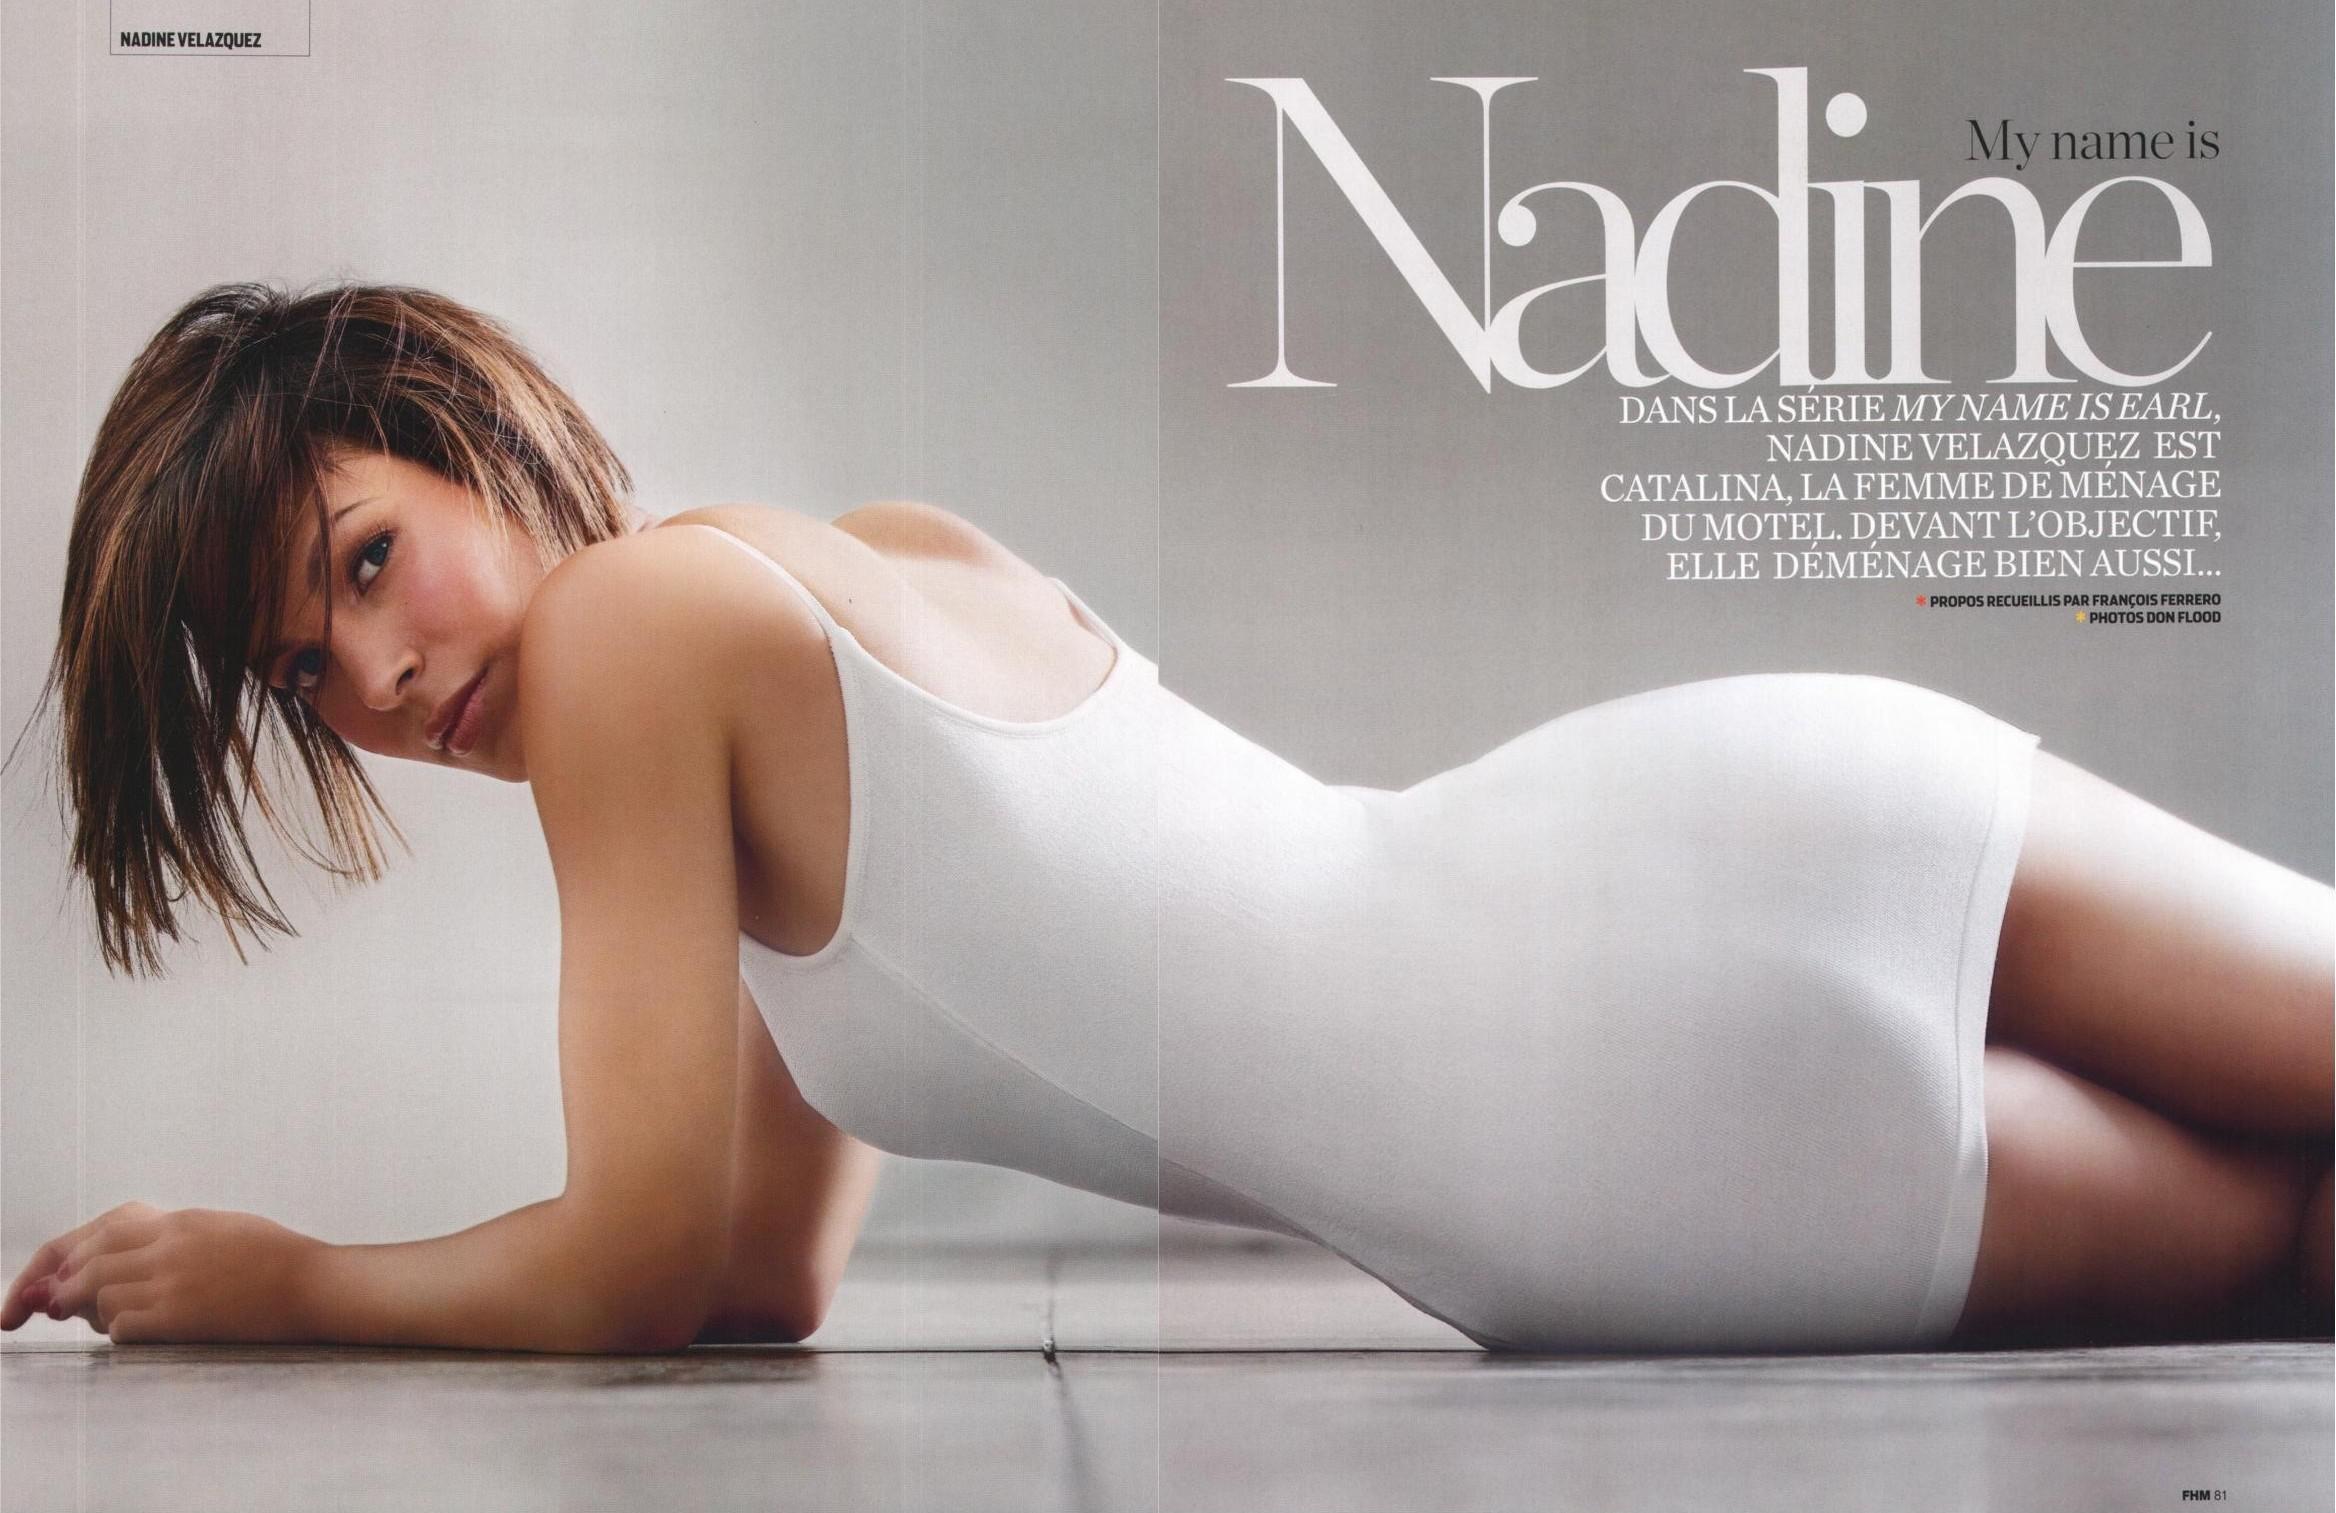 fotos Nadine Velazquez desnuda